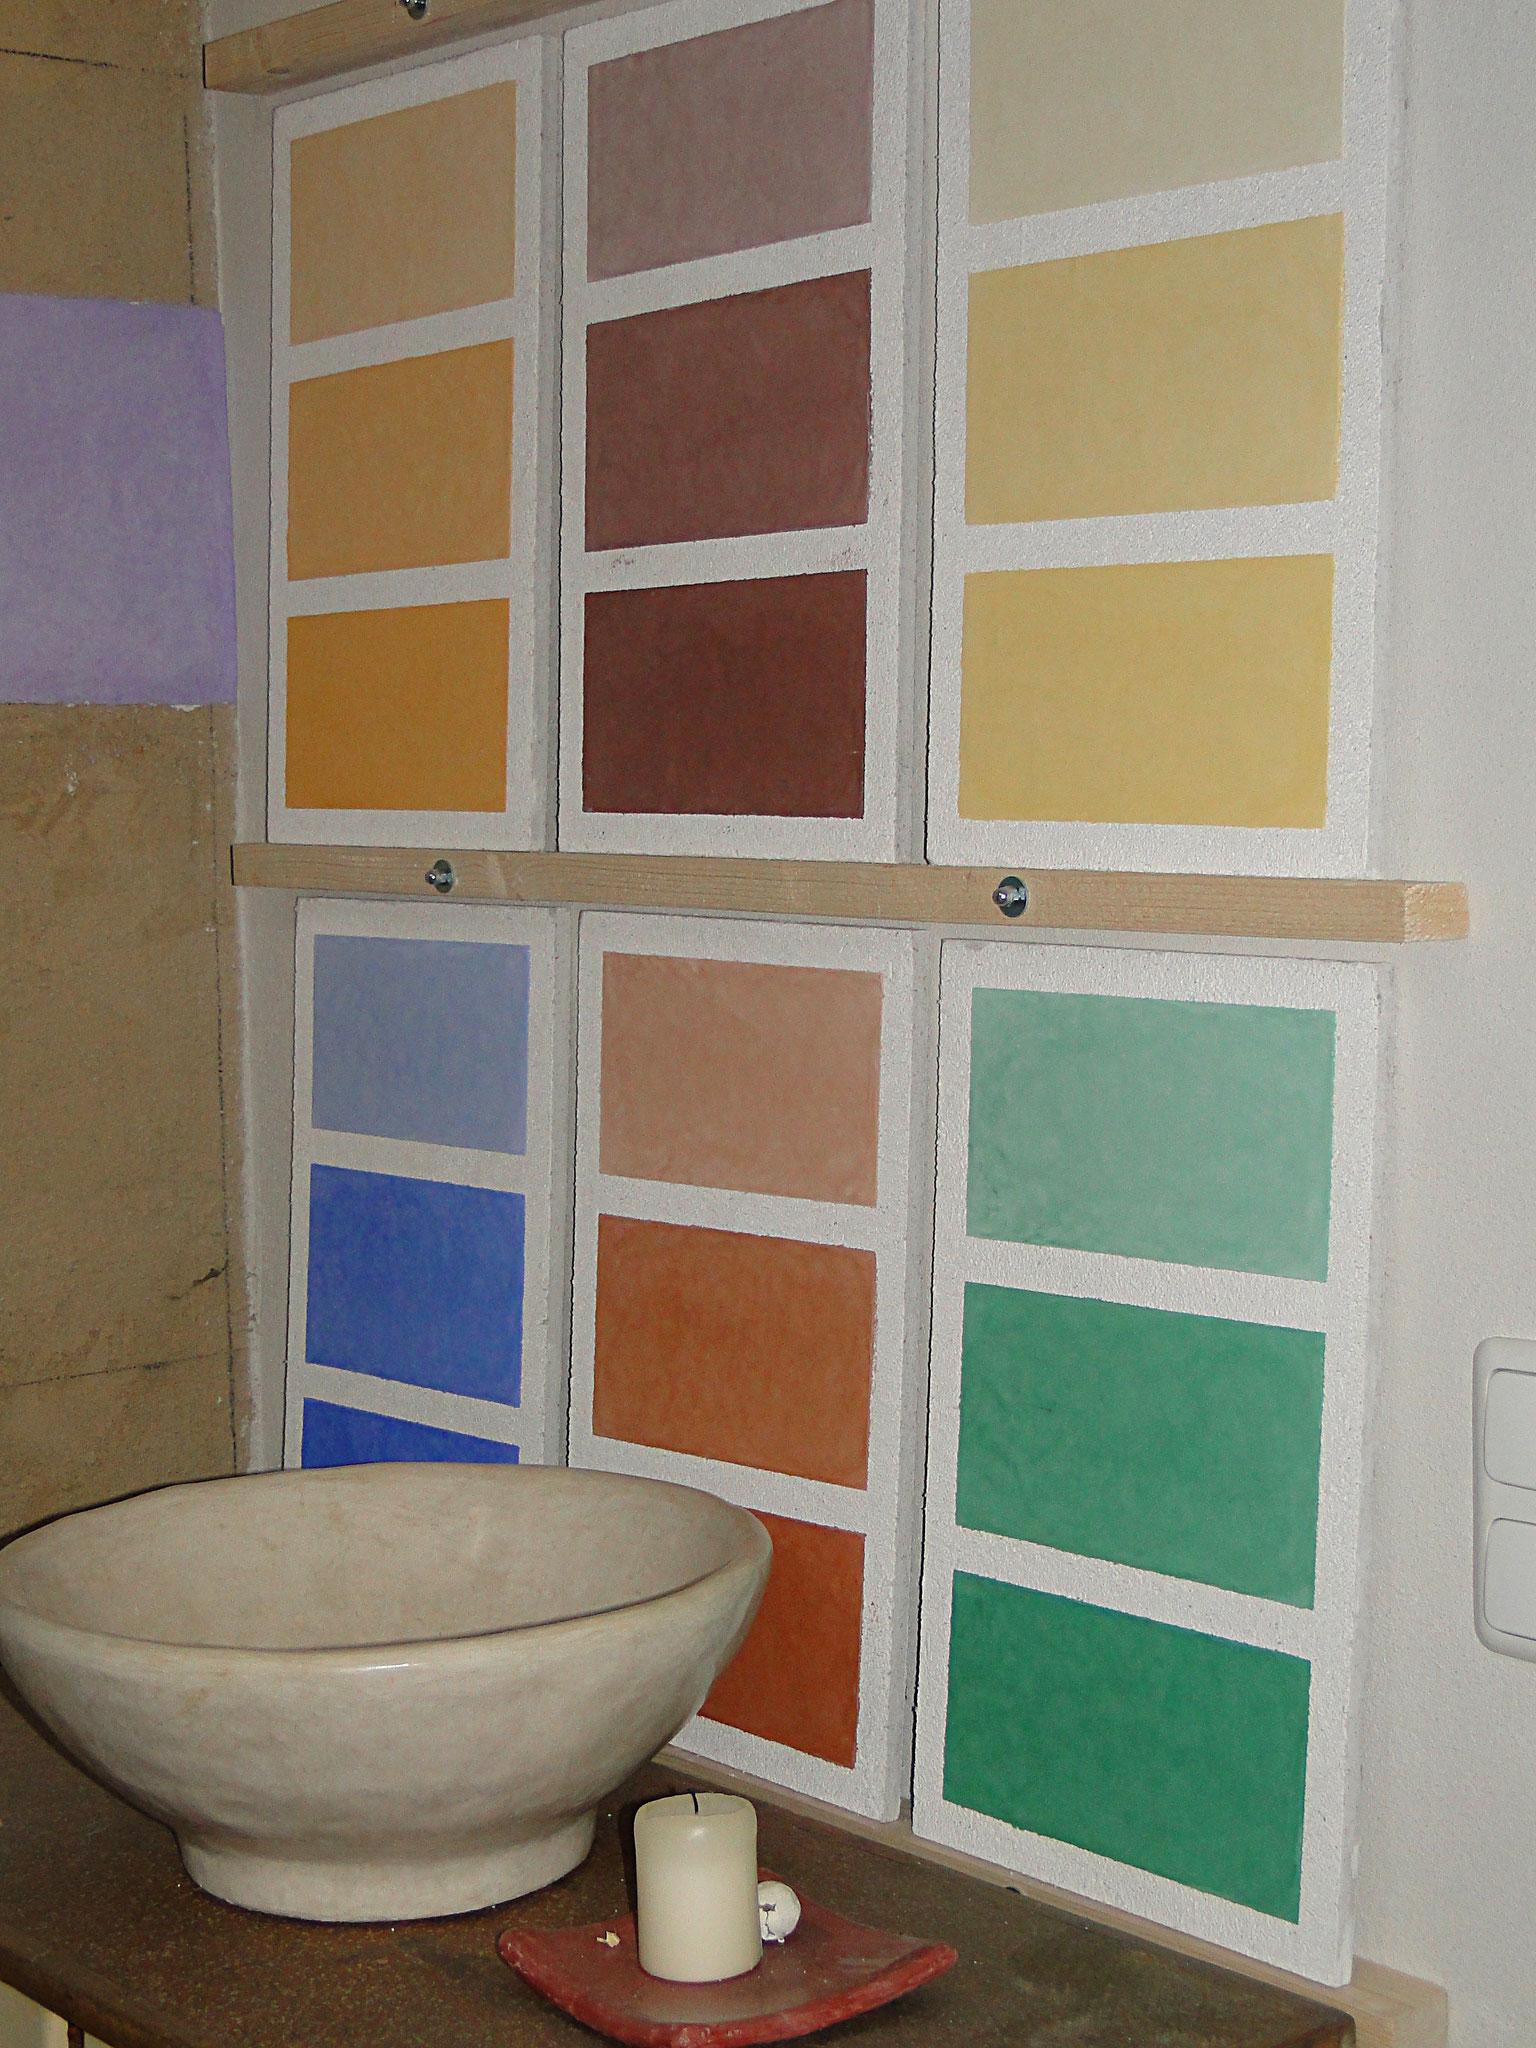 neue Musterplatten zeigen die prozentuale Abstufung der zugegebenen Pigmente (1, 5, 10 %)